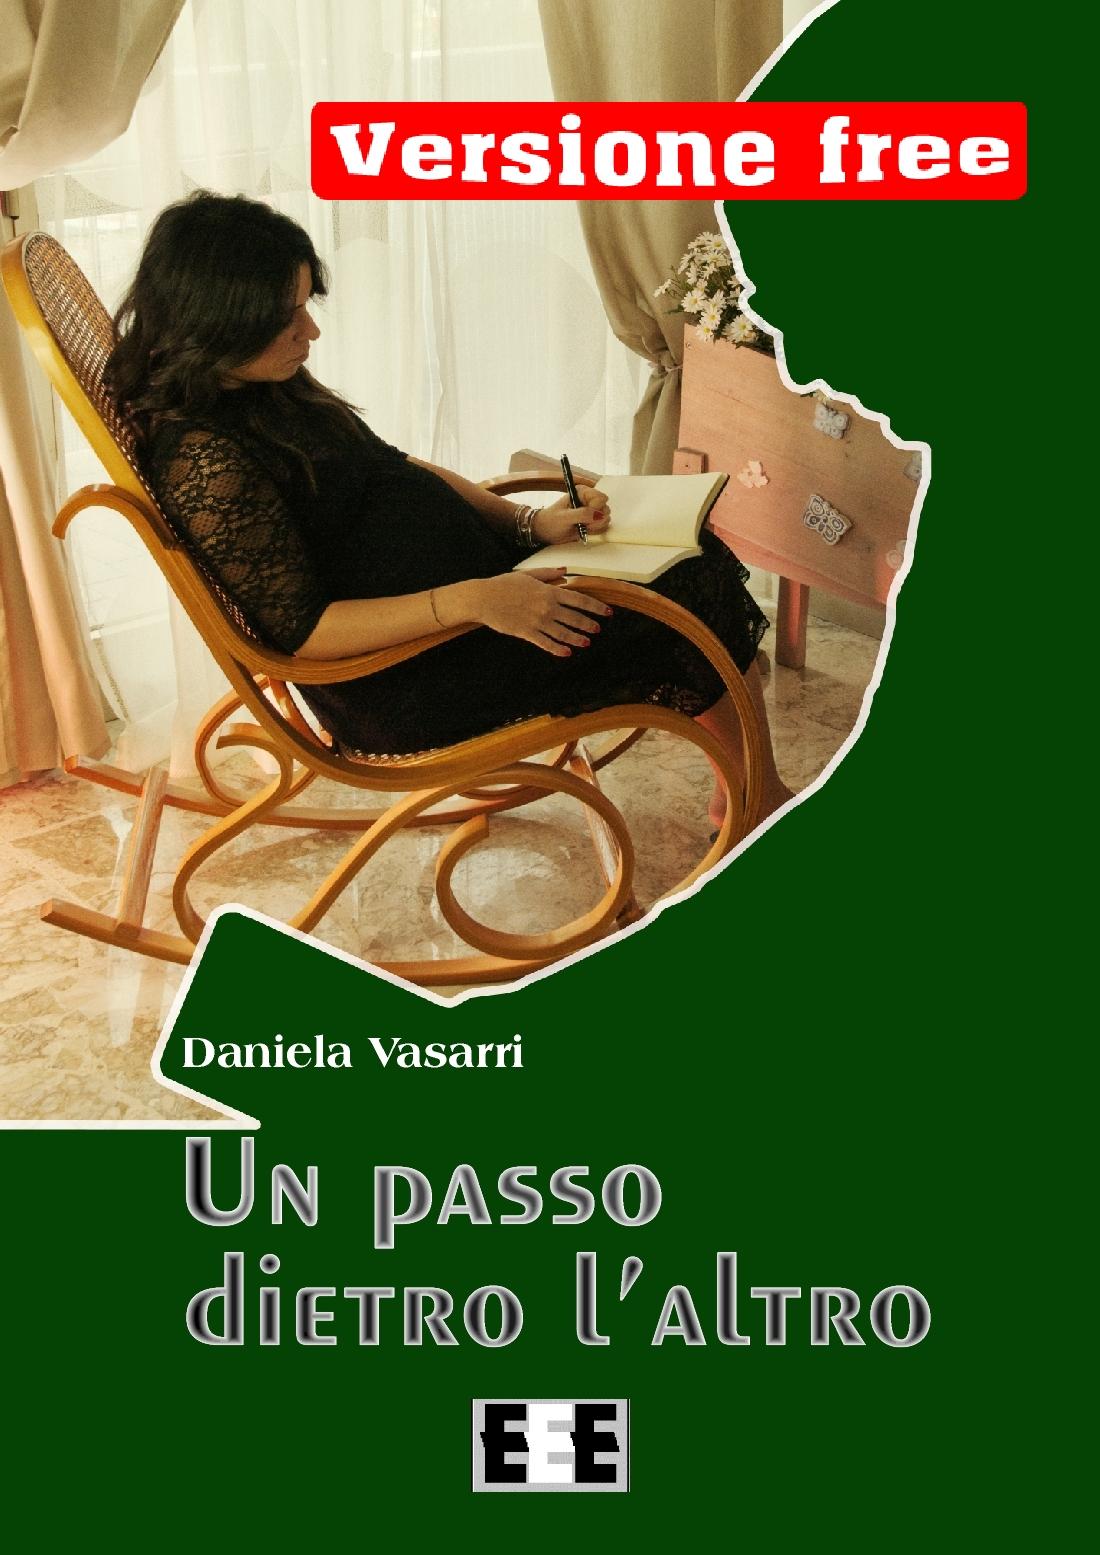 Cover_Un_passo_FREE